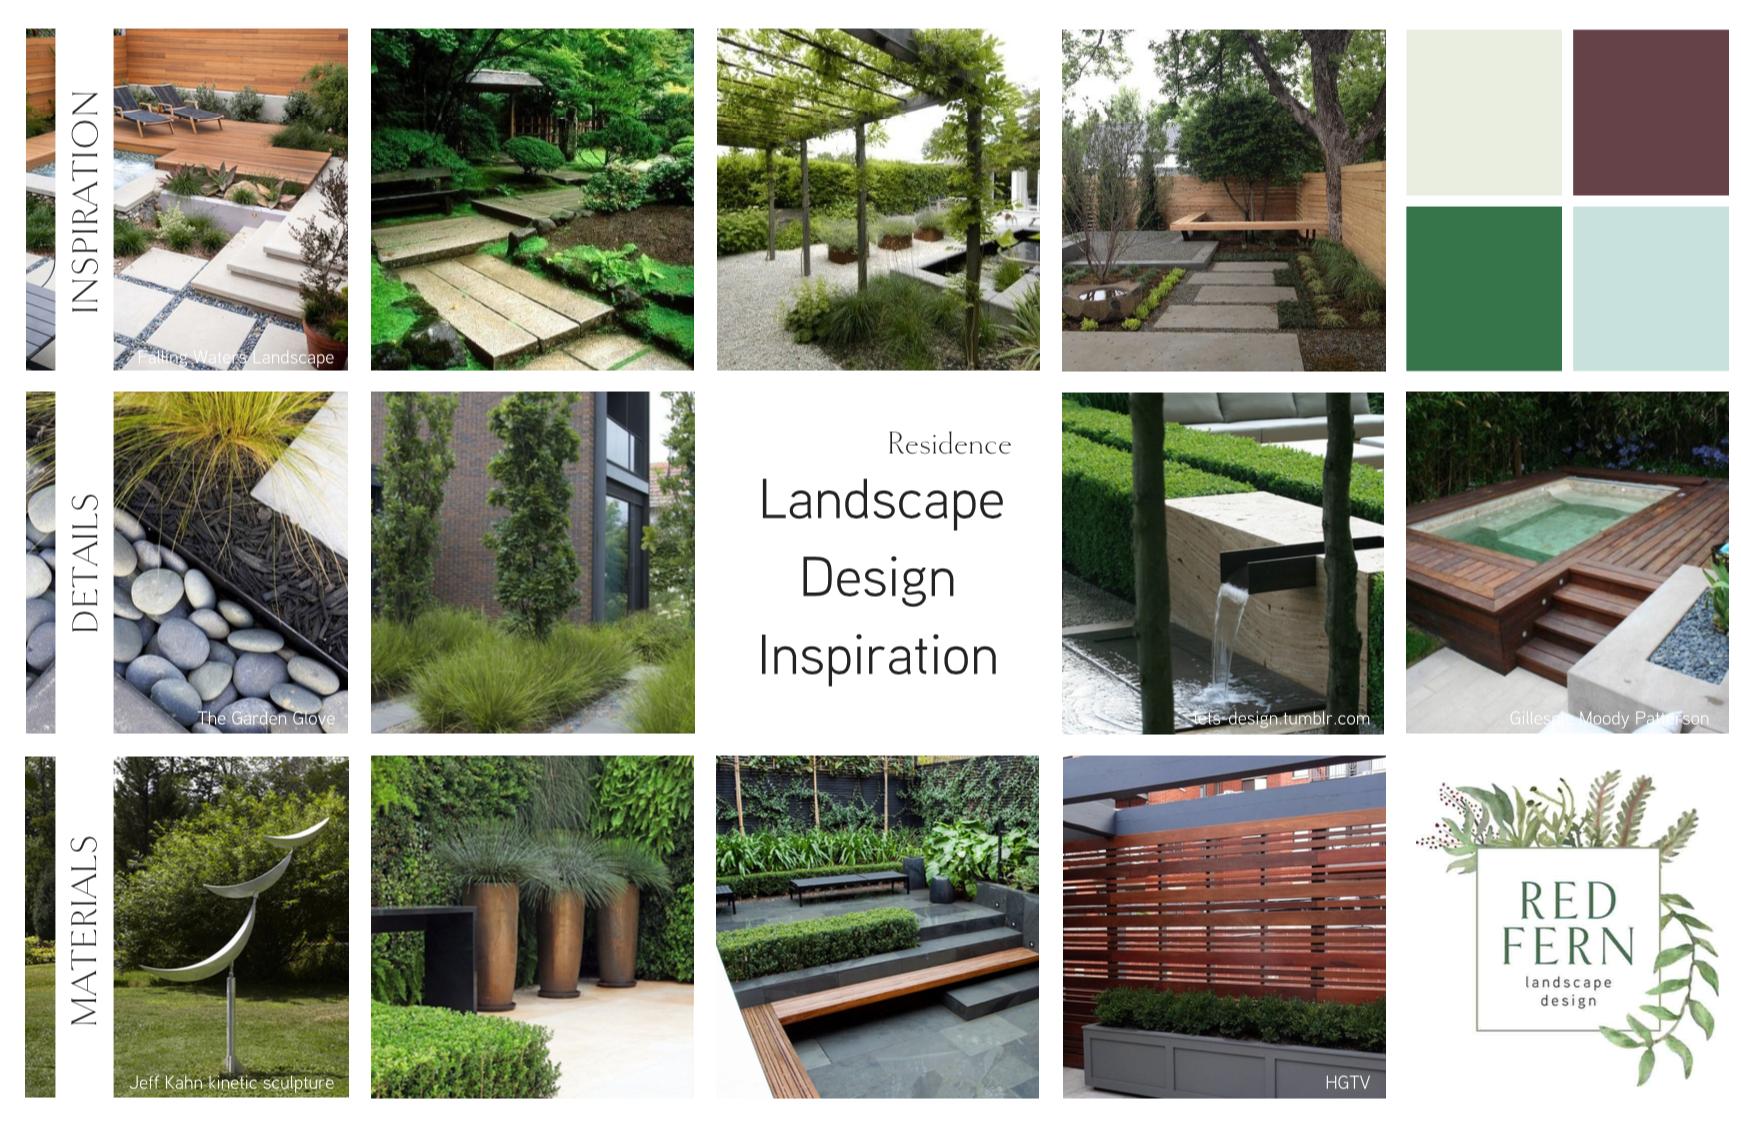 The Red Fern Landscape Design Process Phase 2 Redfernlandscape Com